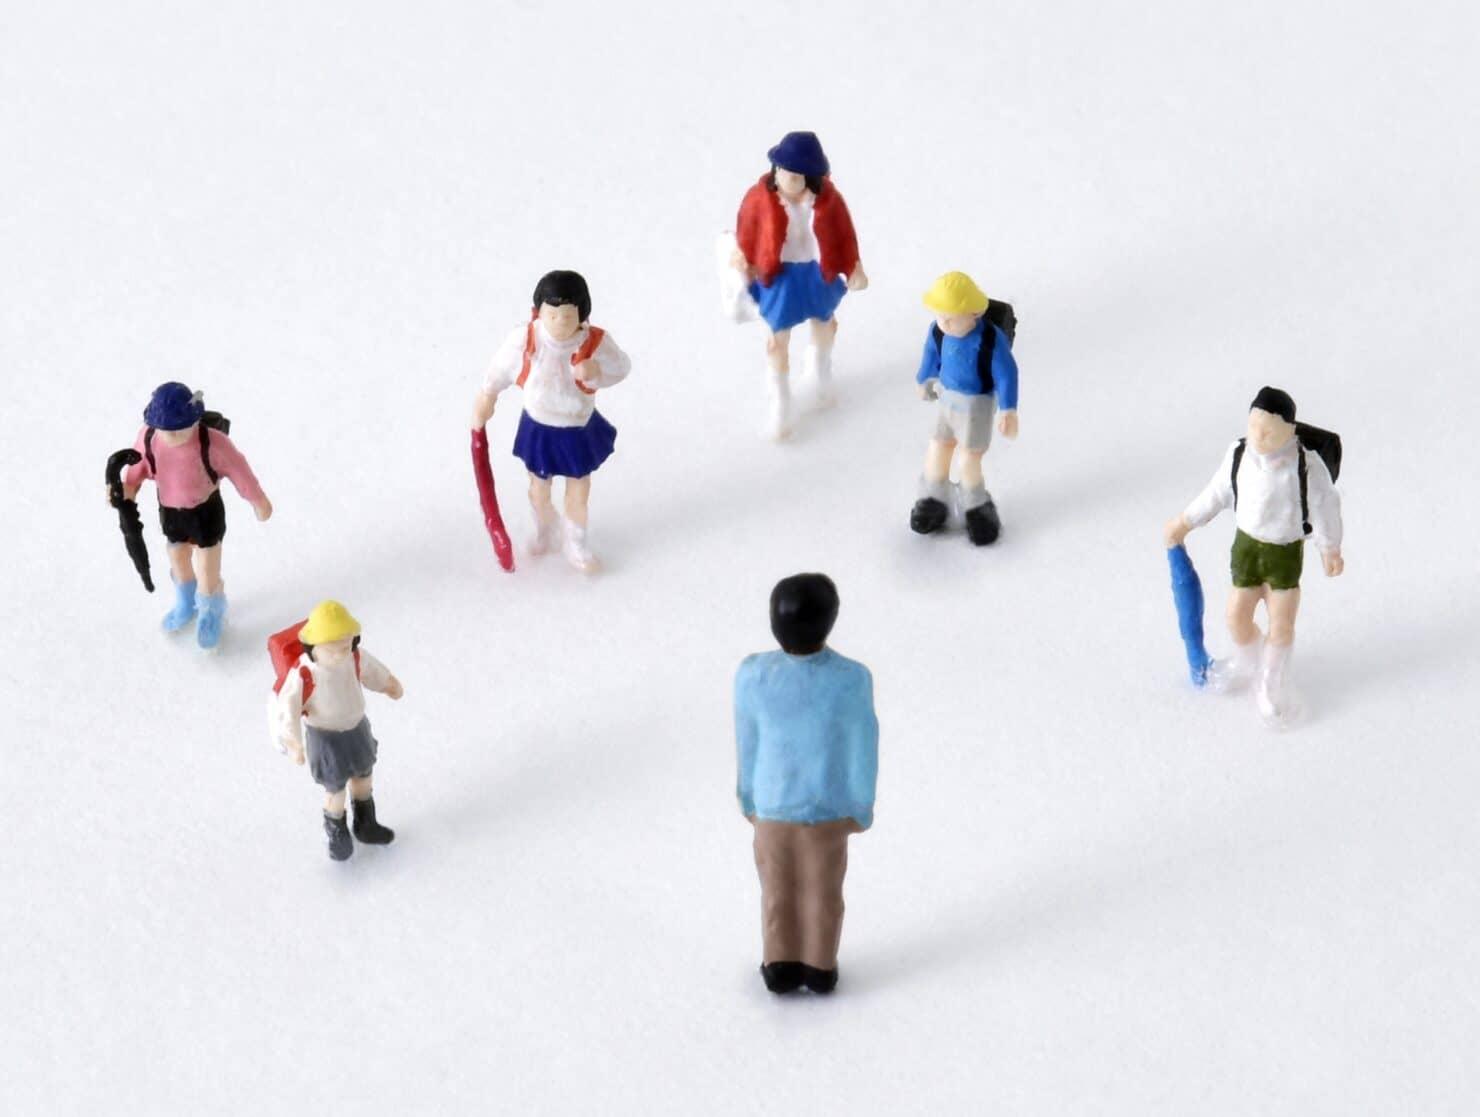 放課後児童支援員の仕事内容と働くメリット。資格取得までの方法とは?